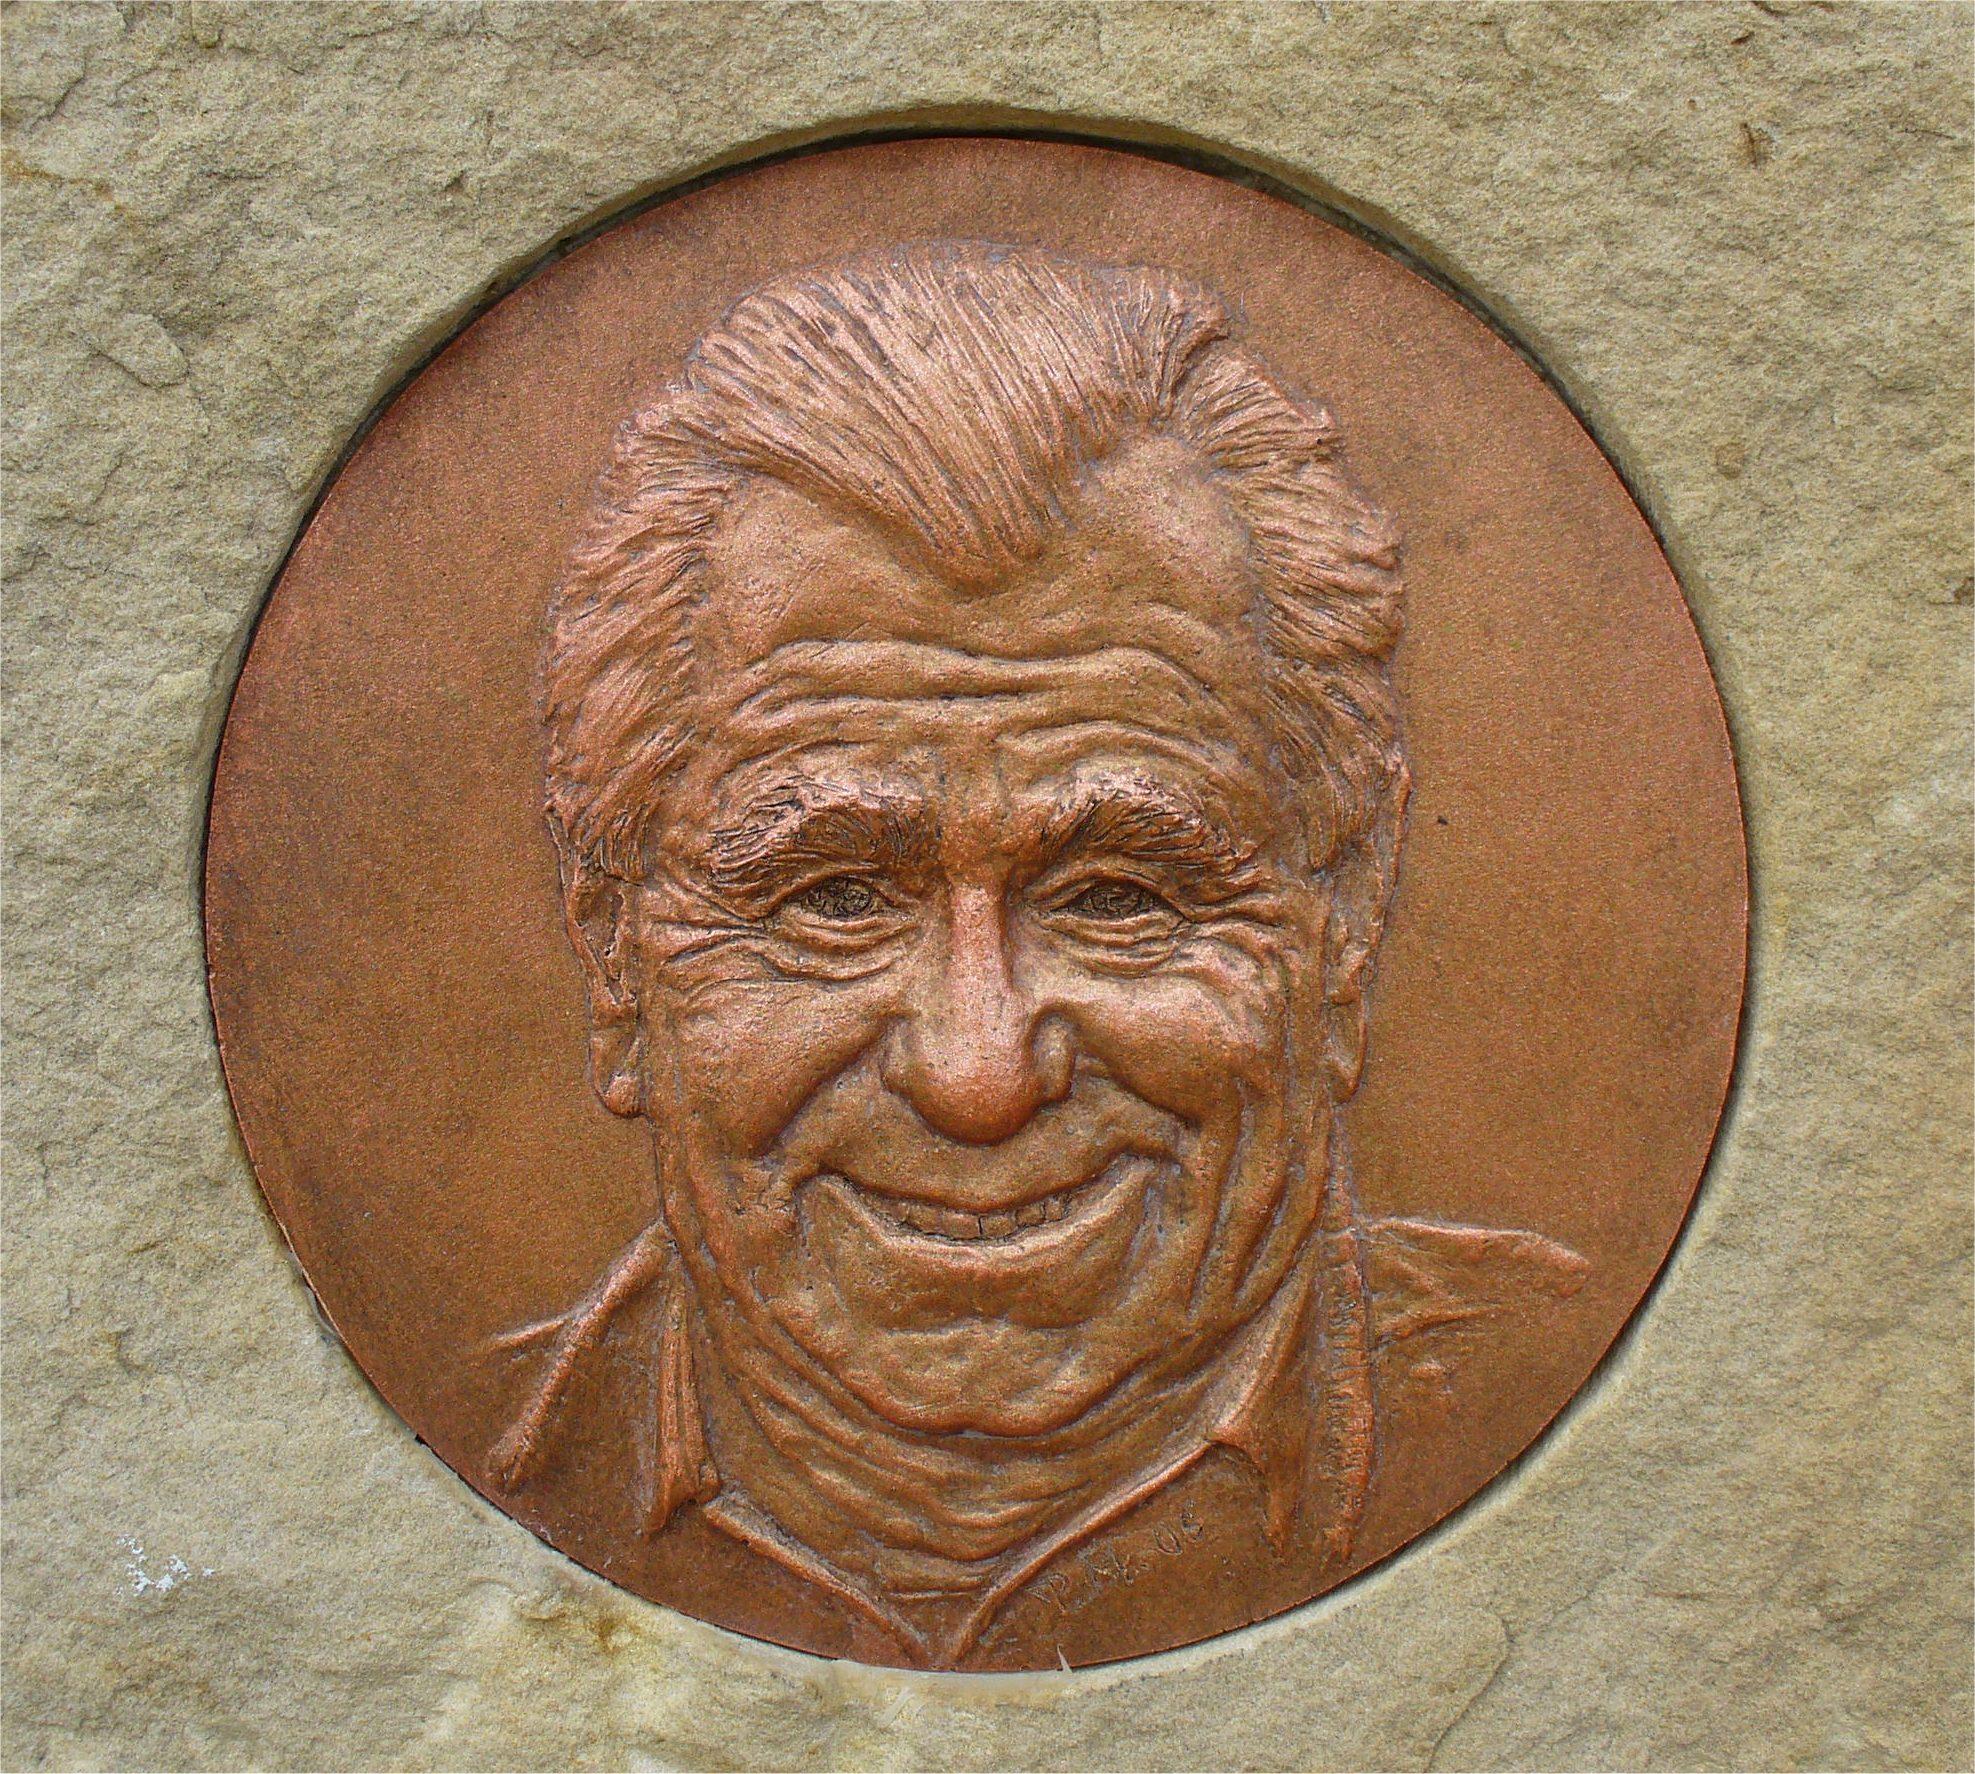 Image of Heinz Sielmann from Wikidata